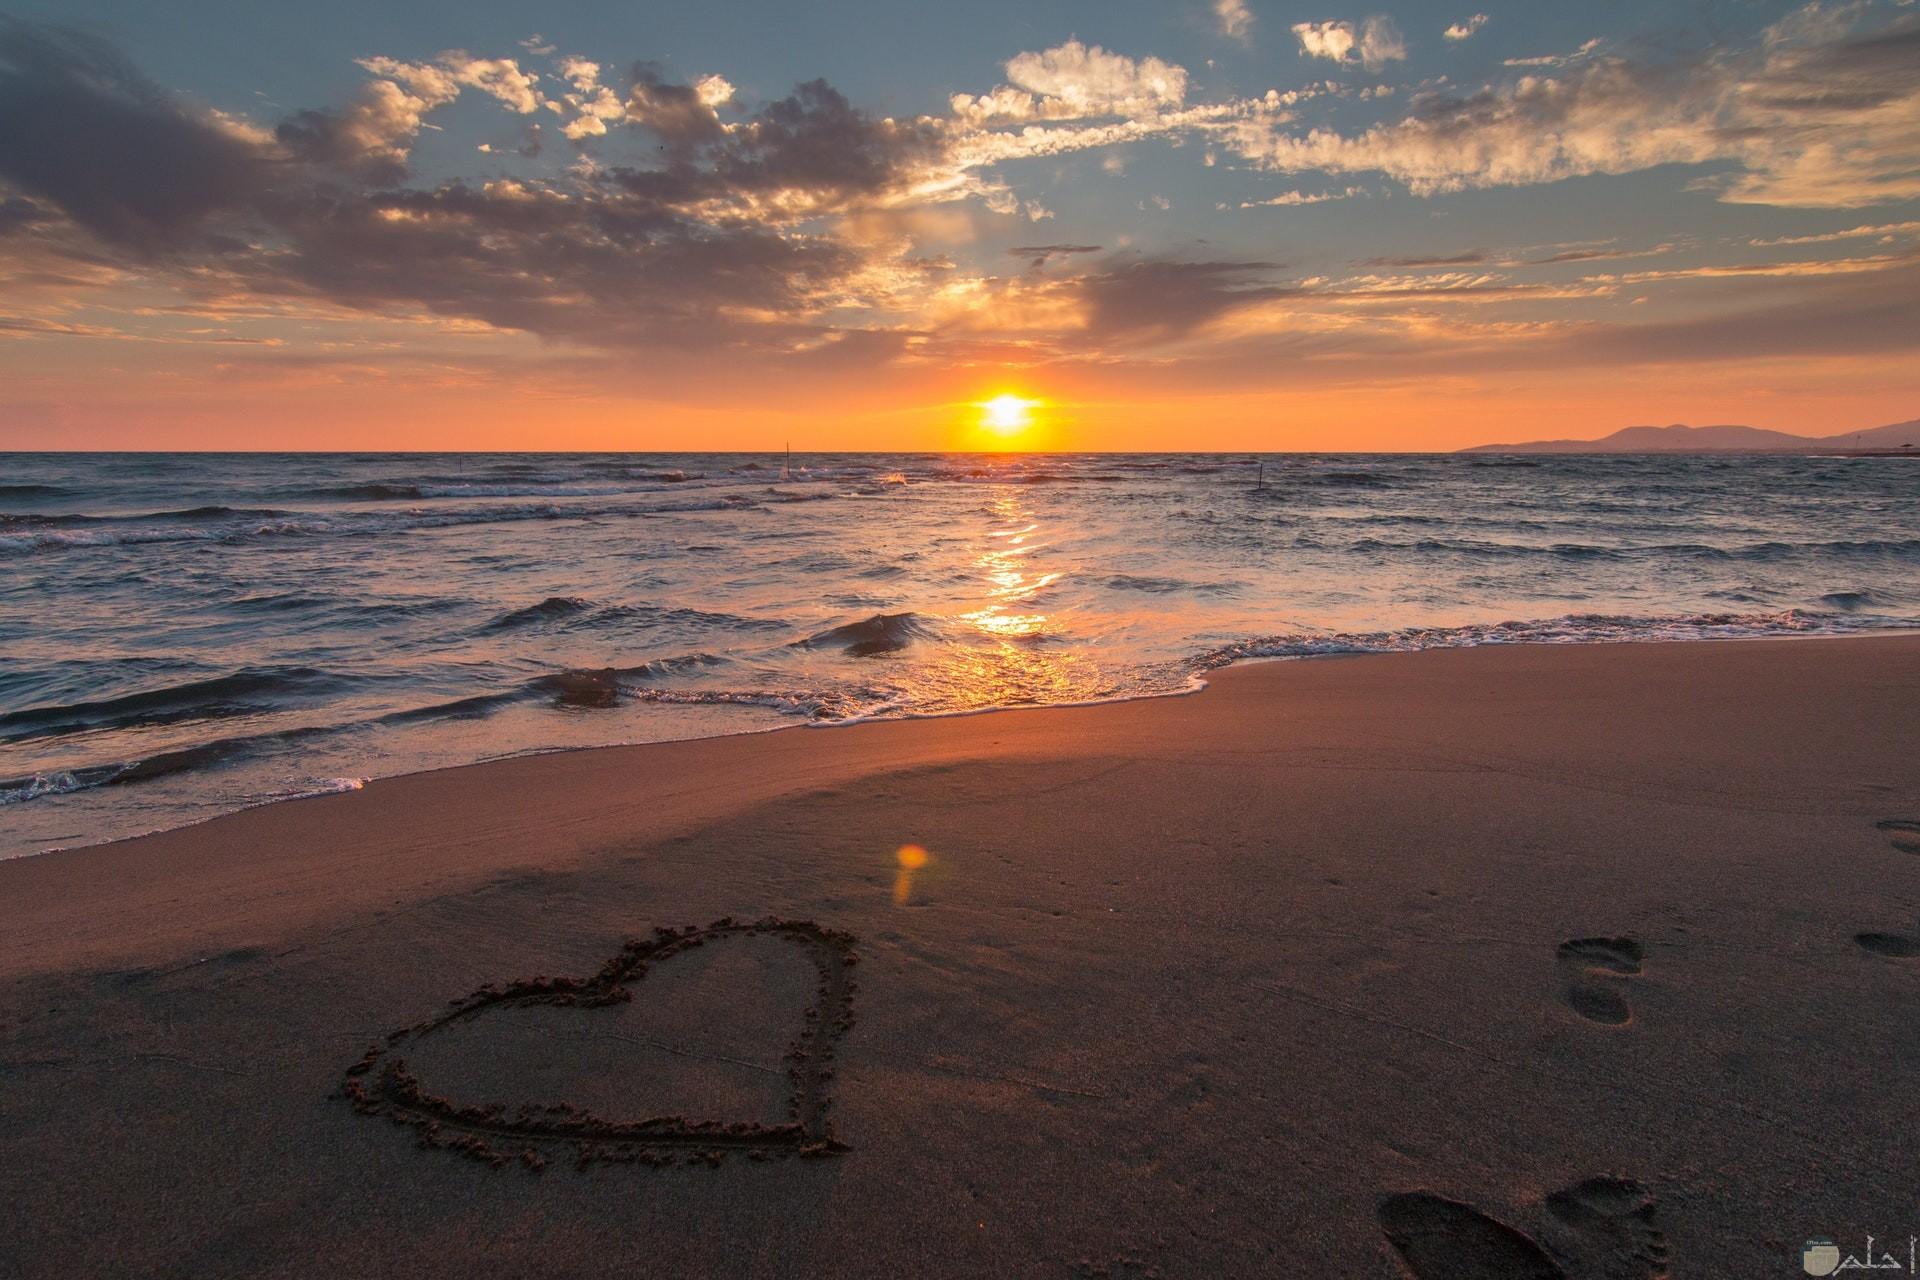 صورة جميلة لقلب مرسوم علي رمال الشاطئ بجانب البحر وقت الغروب